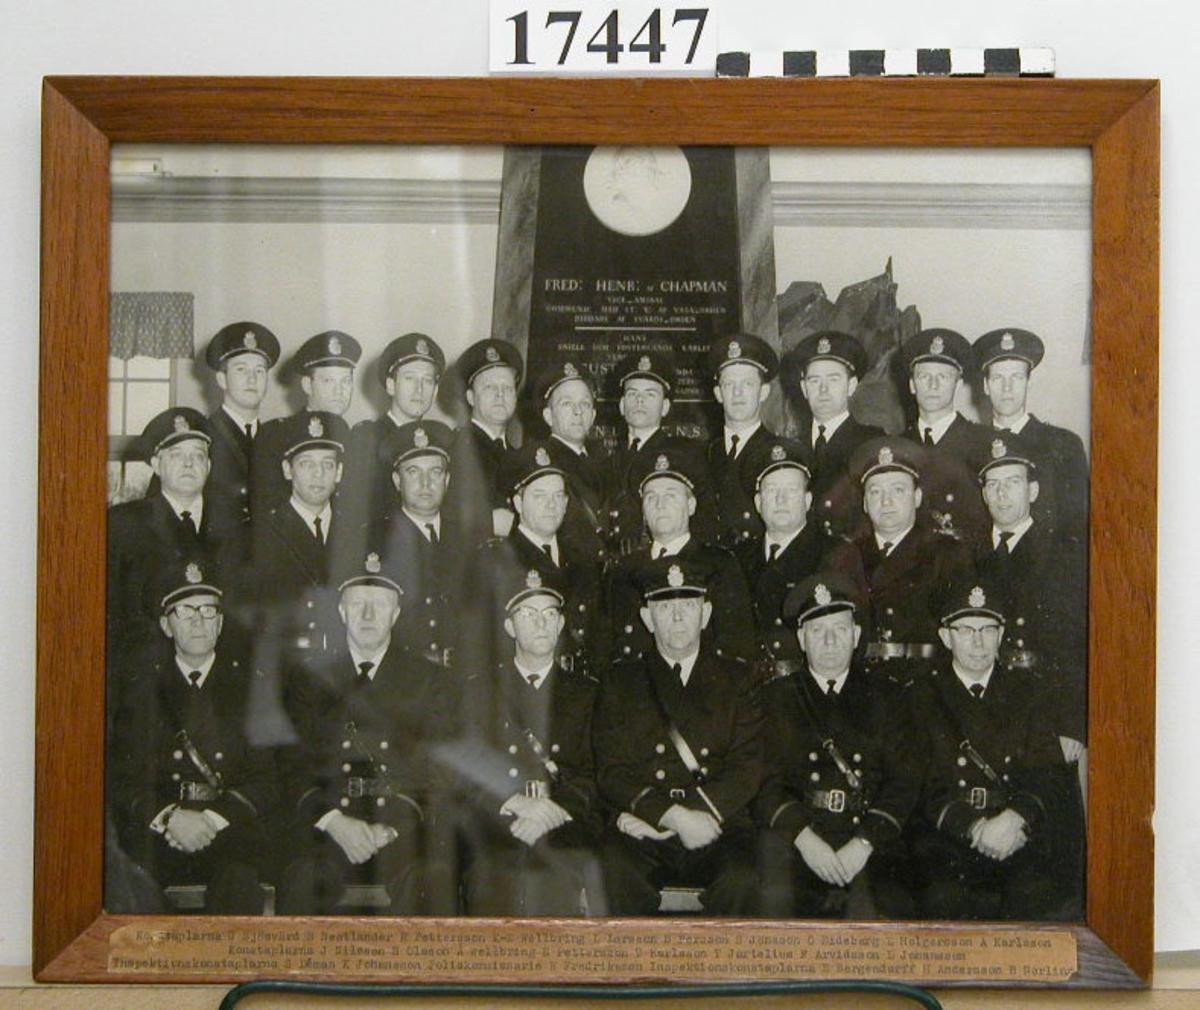 """Svartvitt fotografi inom glas och ram, föreställande gruppbild av tjugofyra män i polisuniformer, stående i modellsalen framför minnesmonumentet av F H Chapman. Ramen är av ek, B= 20 mm, nederst sitter ett gulnat papper fästat med personernas namn - se inventariebilaga. Baksida av papper med text: """"Marinens poliskår 1964"""". Neg.nr 13158. Neg.nr A 21 7:1A"""